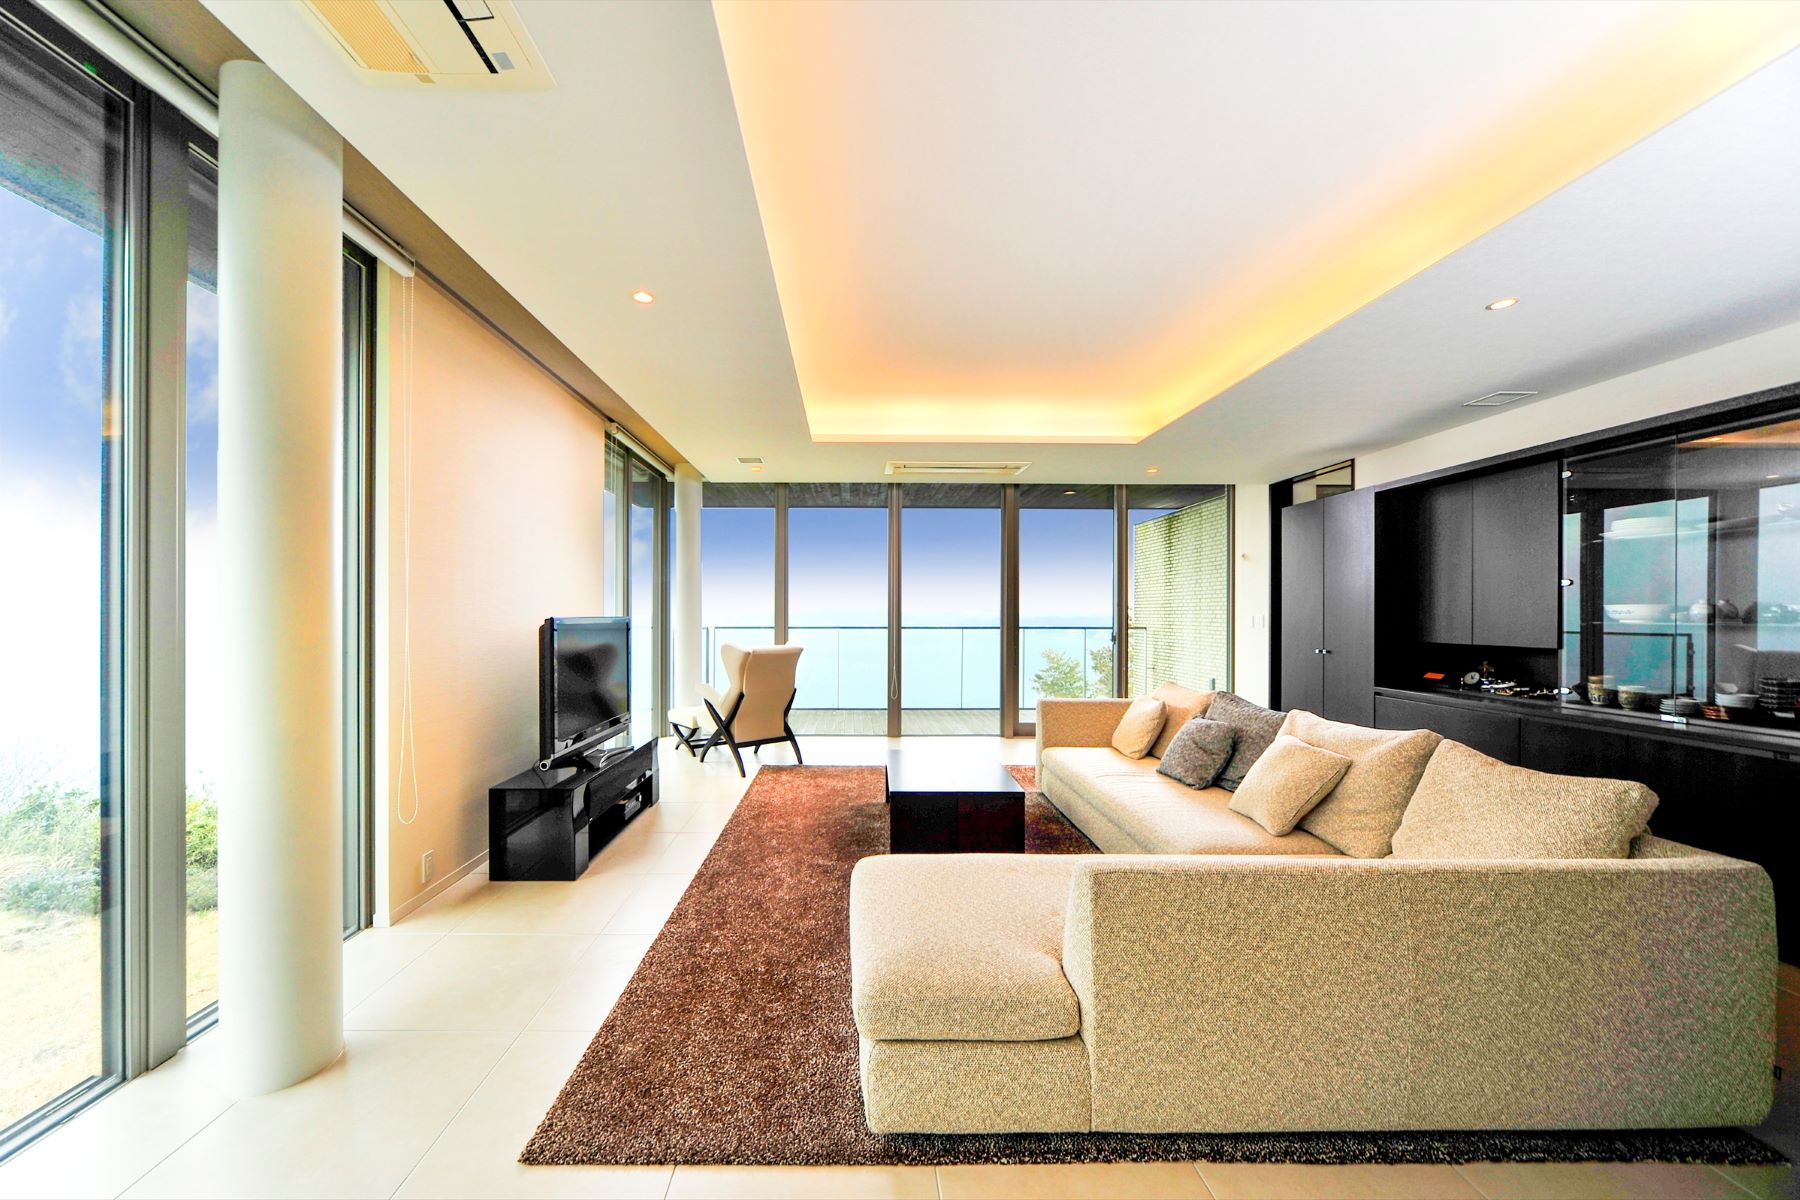 独户住宅 为 销售 在 Futtsu Residence 日本其他地方, 日本的其他地区, 日本